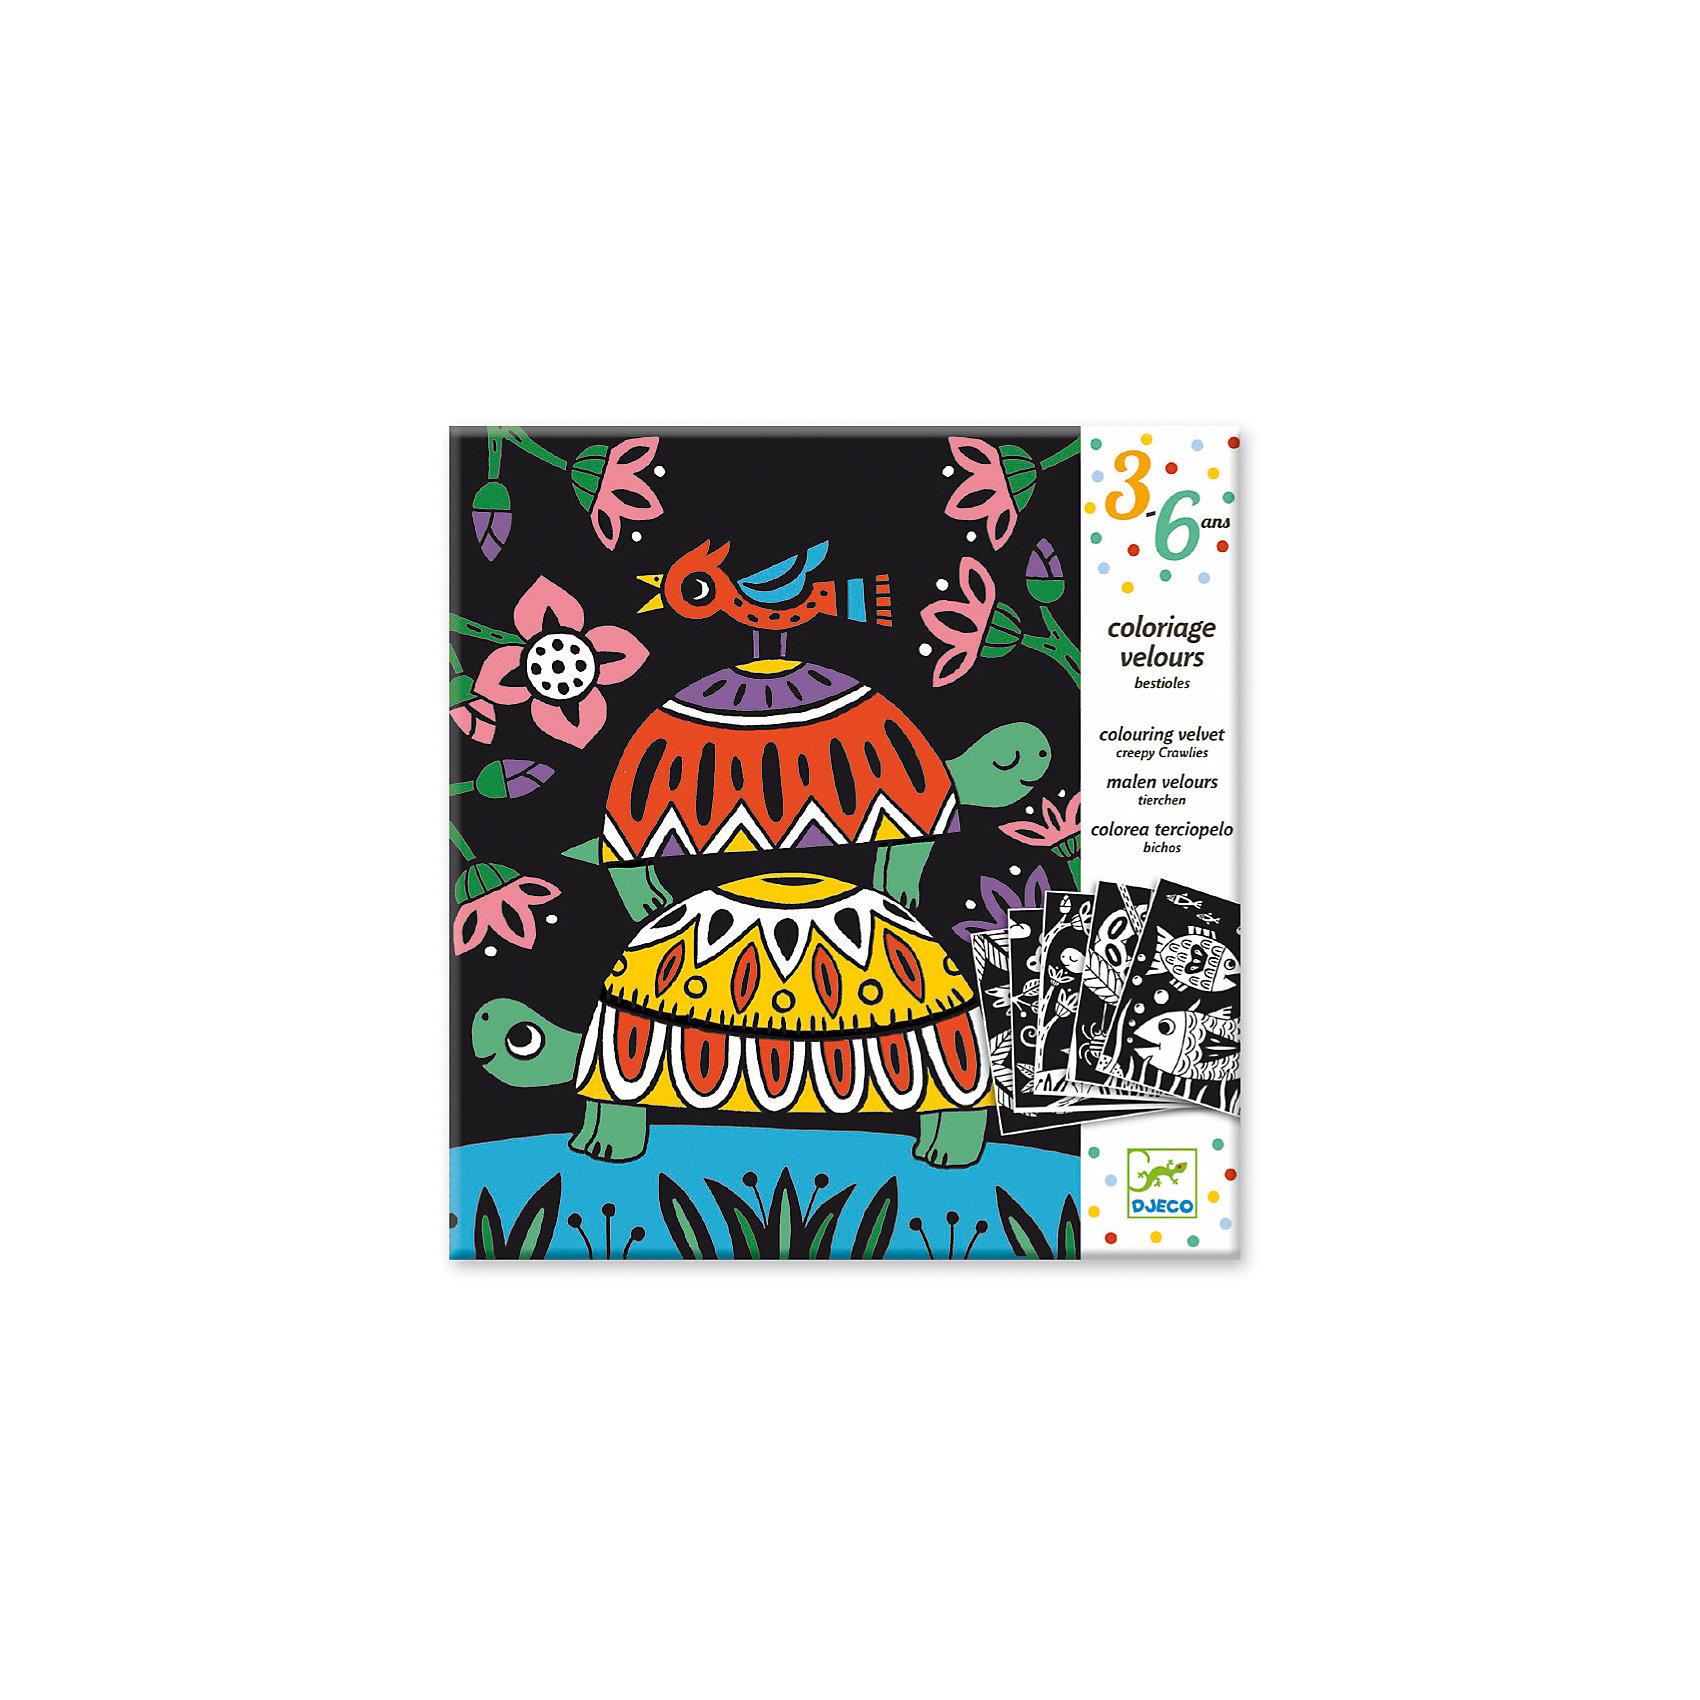 Бархатные раскраски Черепахи, DJECOРаскраски по номерам<br>Бархатные раскраски Черепахи обязательно понравятся всем любителям рисования. Этот наборпоможет ребенку проявить свою фантазию и воображение. Специальный бархатный фон - то нетолько своеобразный и креативный дизайн раскраски, но и некая помогающая деталь, которая непозволит ребенку выйти за рамки рисунка. Готовые картинки получаются яркими и аккуратными.<br><br>Бархатные раскраски Черепахи от торговой марки Djeco (Джеко) можно купить в нашем интернет-магазине.<br><br>Ширина мм: 220<br>Глубина мм: 230<br>Высота мм: 30<br>Вес г: 127<br>Возраст от месяцев: 36<br>Возраст до месяцев: 2147483647<br>Пол: Унисекс<br>Возраст: Детский<br>SKU: 5448820